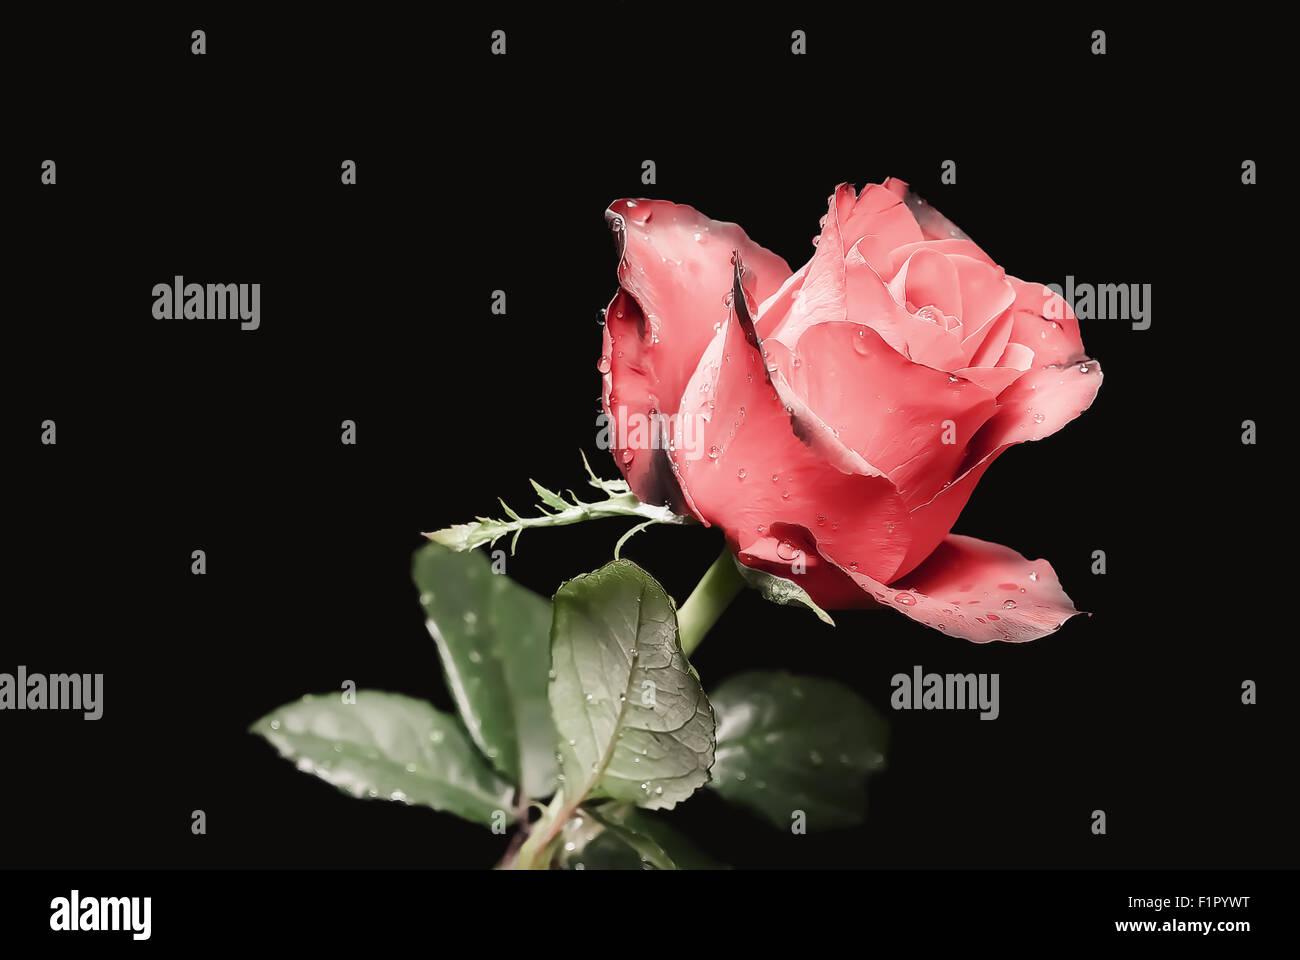 Lo Studio Foto Di Una Rosa Rossa Con Gocce Di Rugiada Su Uno Sfondo